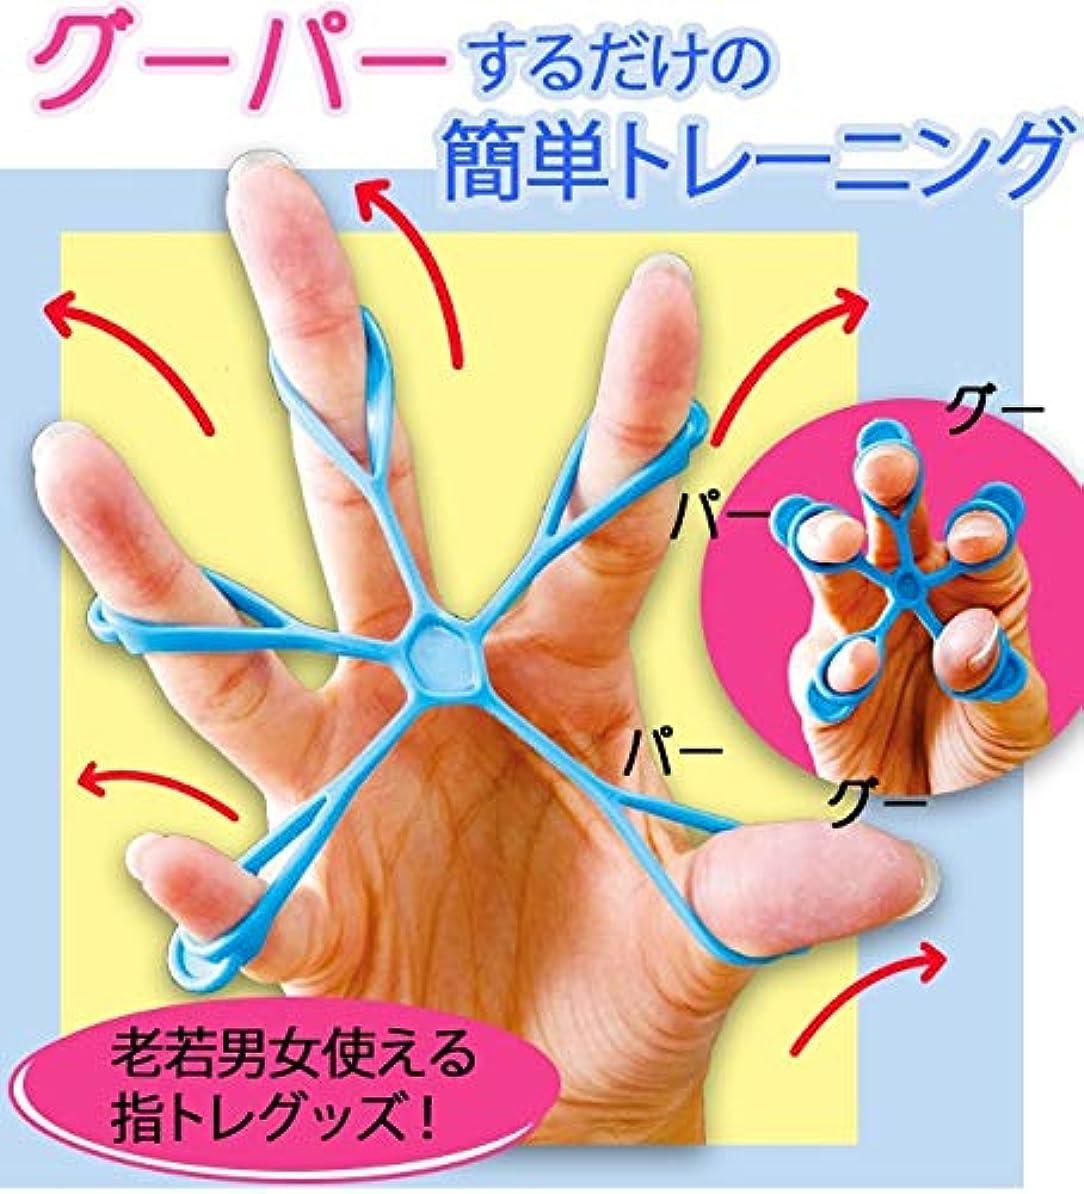 妊娠した言い直すエンジニアリング指のエクササイズII